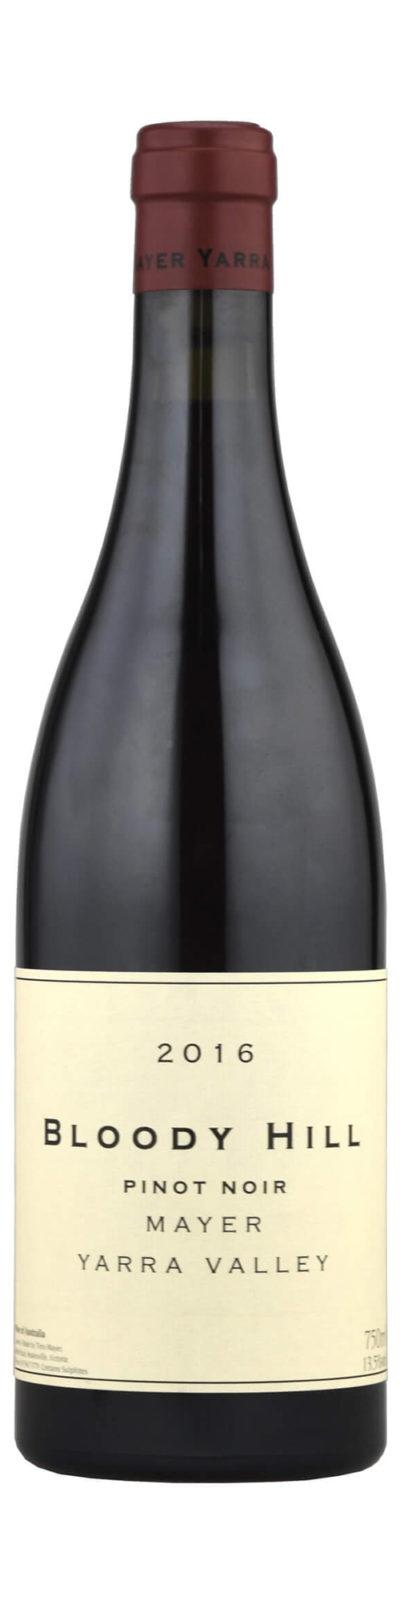 Mayer Bloody Hill Pinot Noir